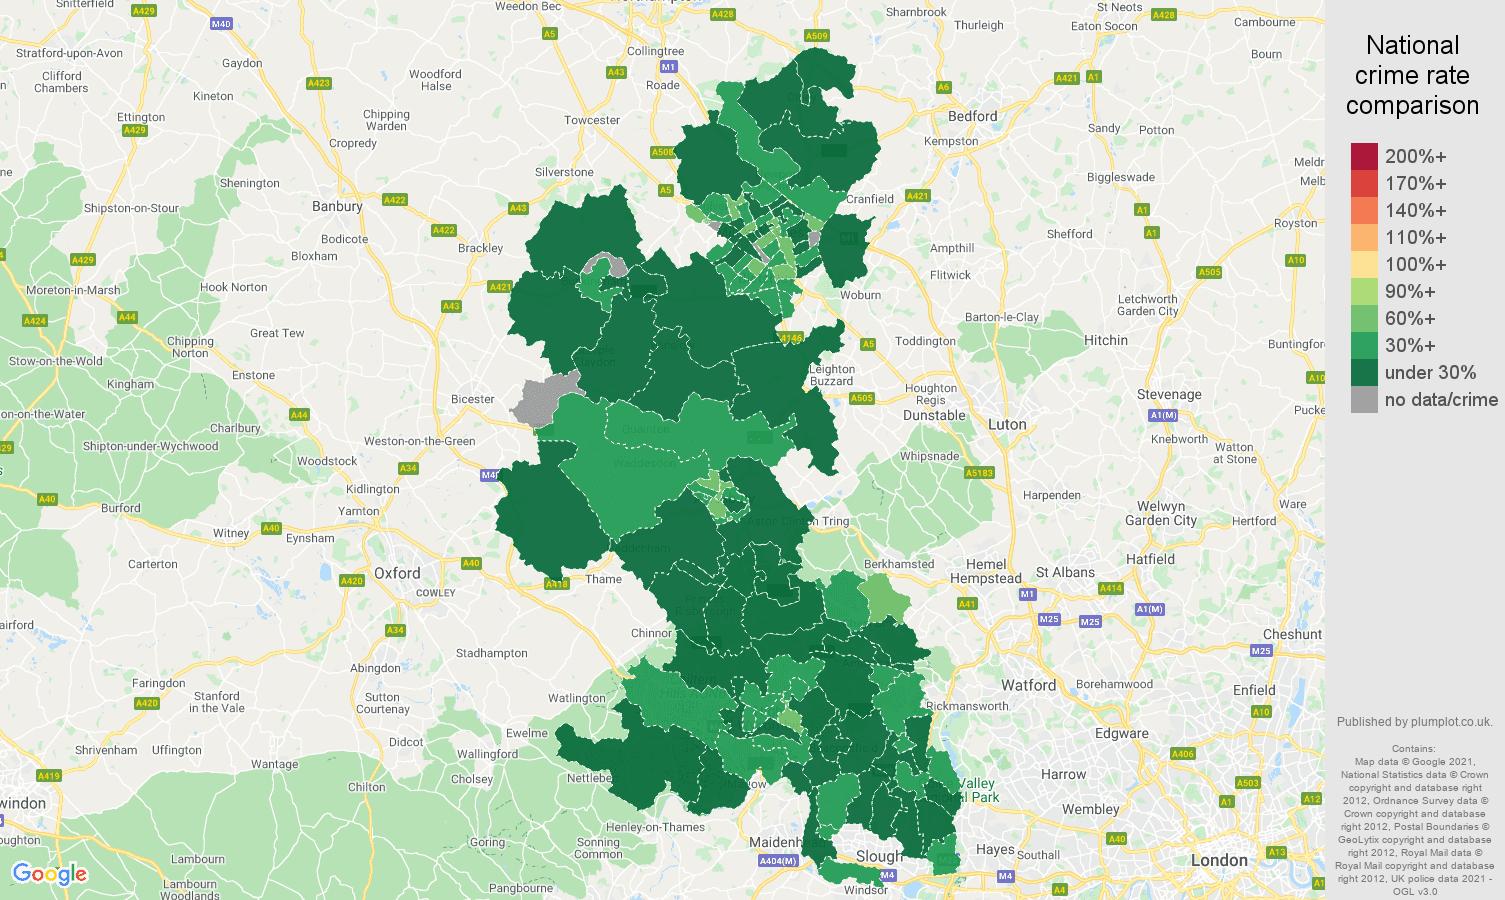 Buckinghamshire antisocial behaviour crime rate comparison map